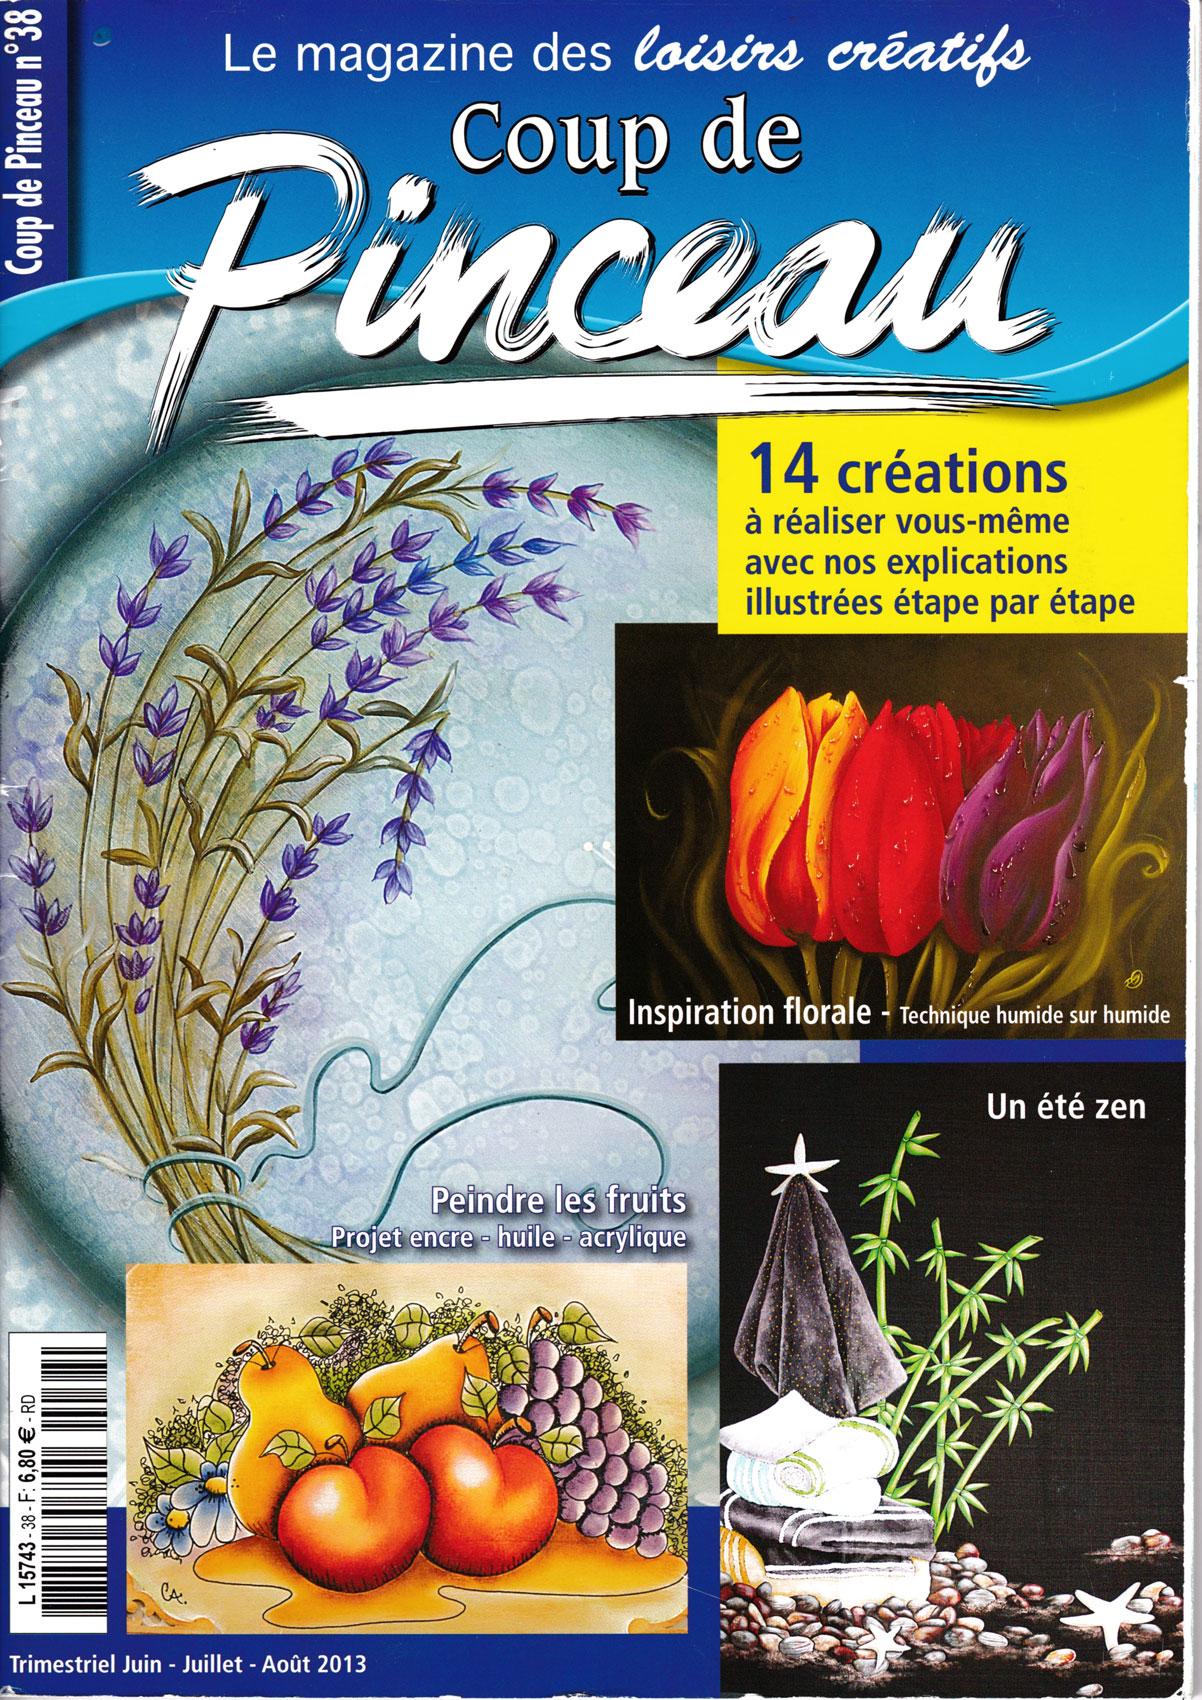 coup-de-pinceau-L15743-N°38